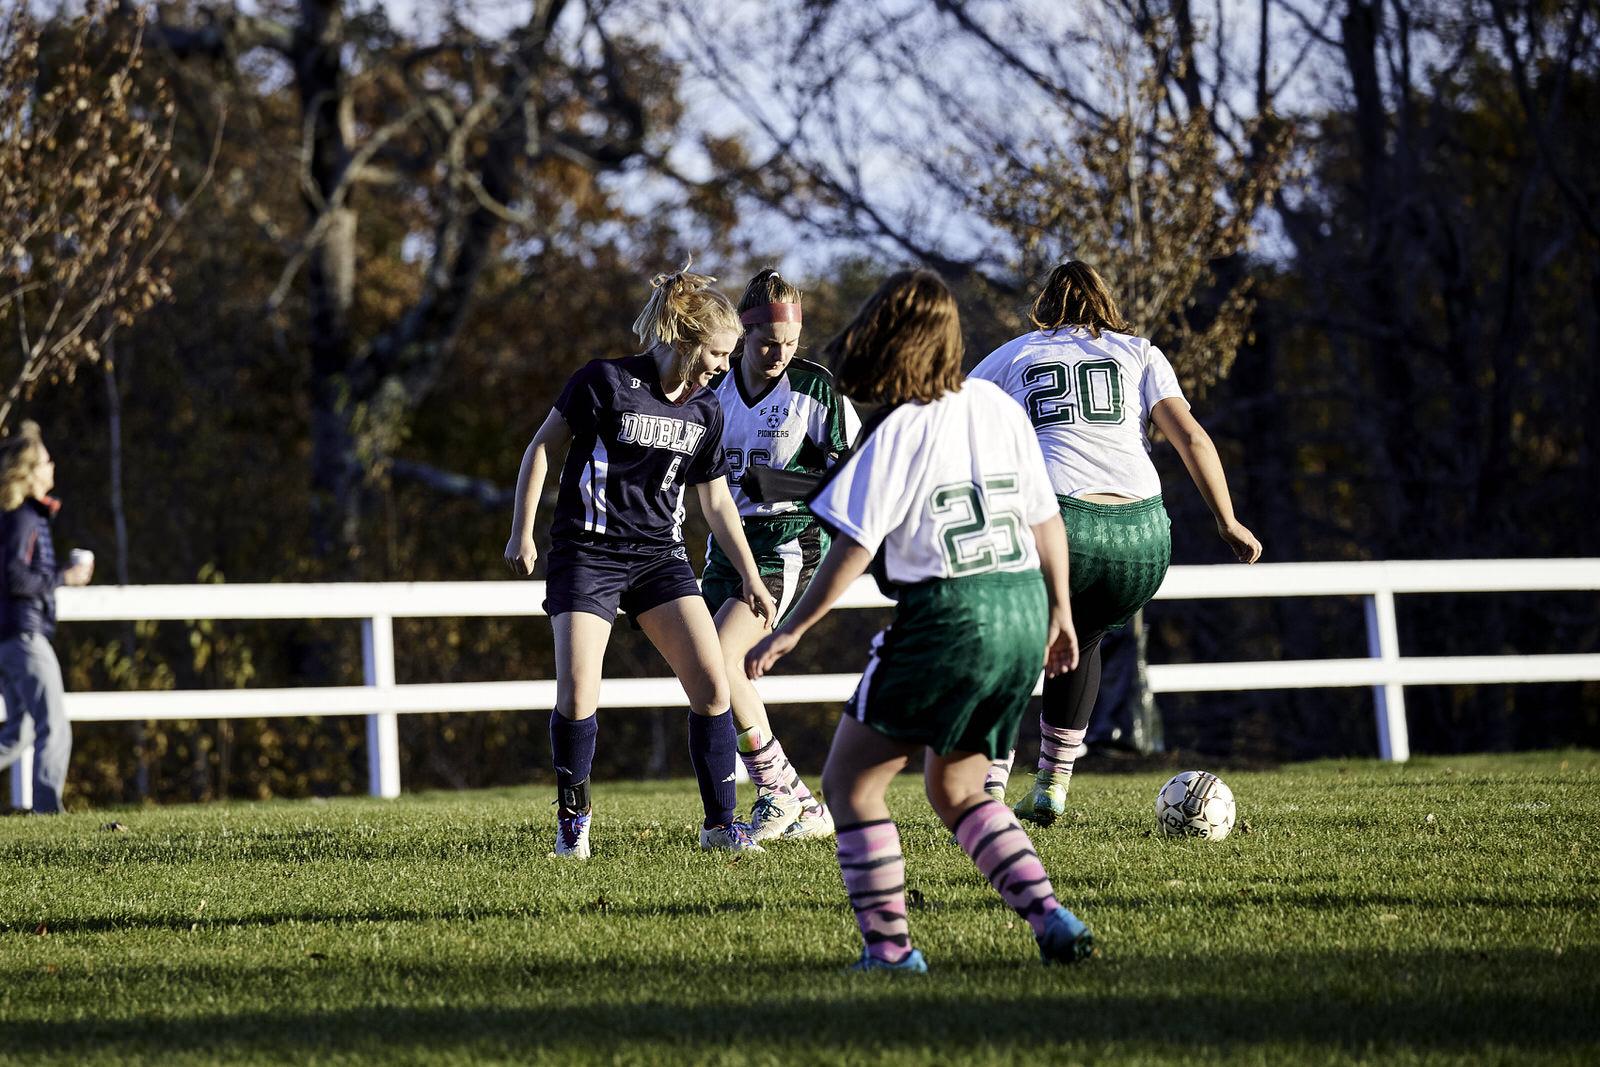 Girls Varsity Soccer vs. Eagle Hill School - October 30, 2018 139047.jpg